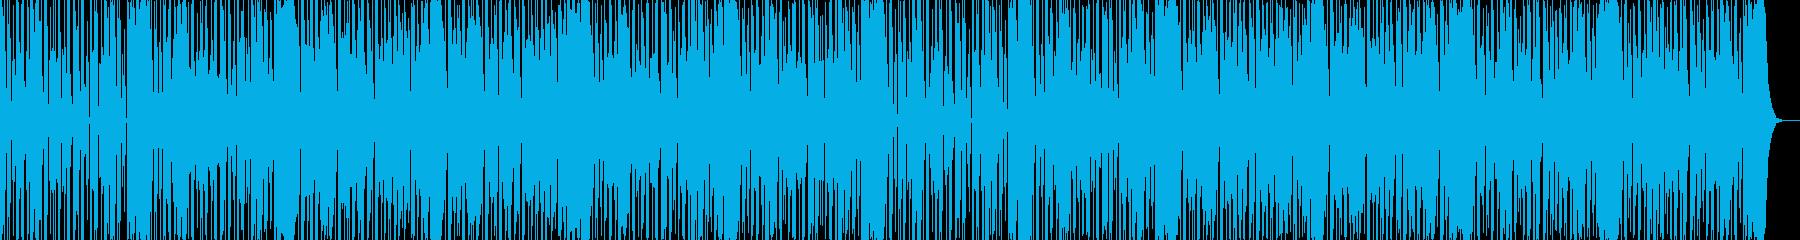 ダークなブラスとスクラッチヒップホップaの再生済みの波形